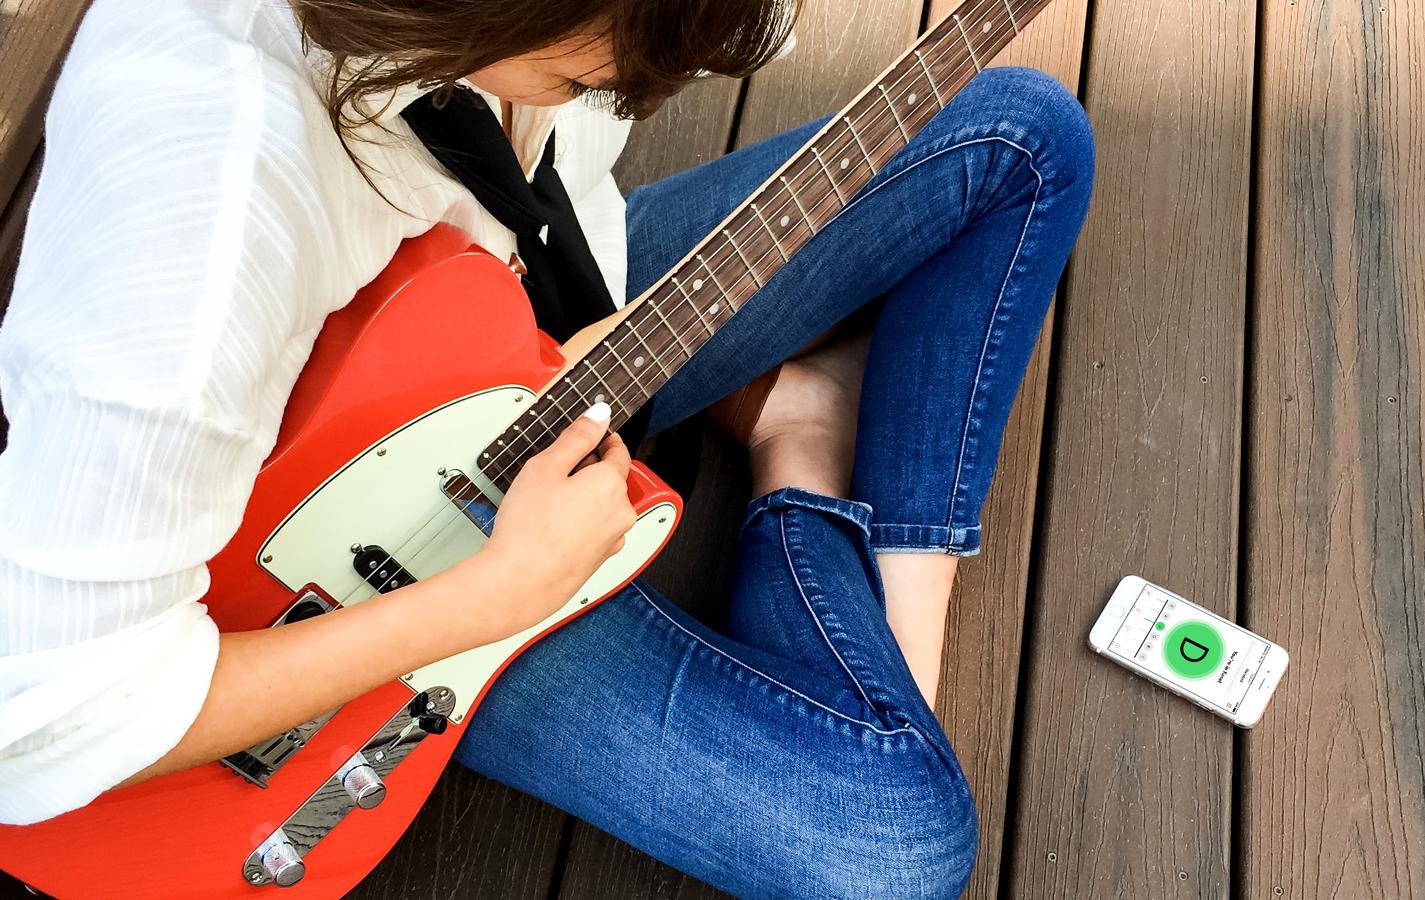 fender tune guitar tuner app fender. Black Bedroom Furniture Sets. Home Design Ideas